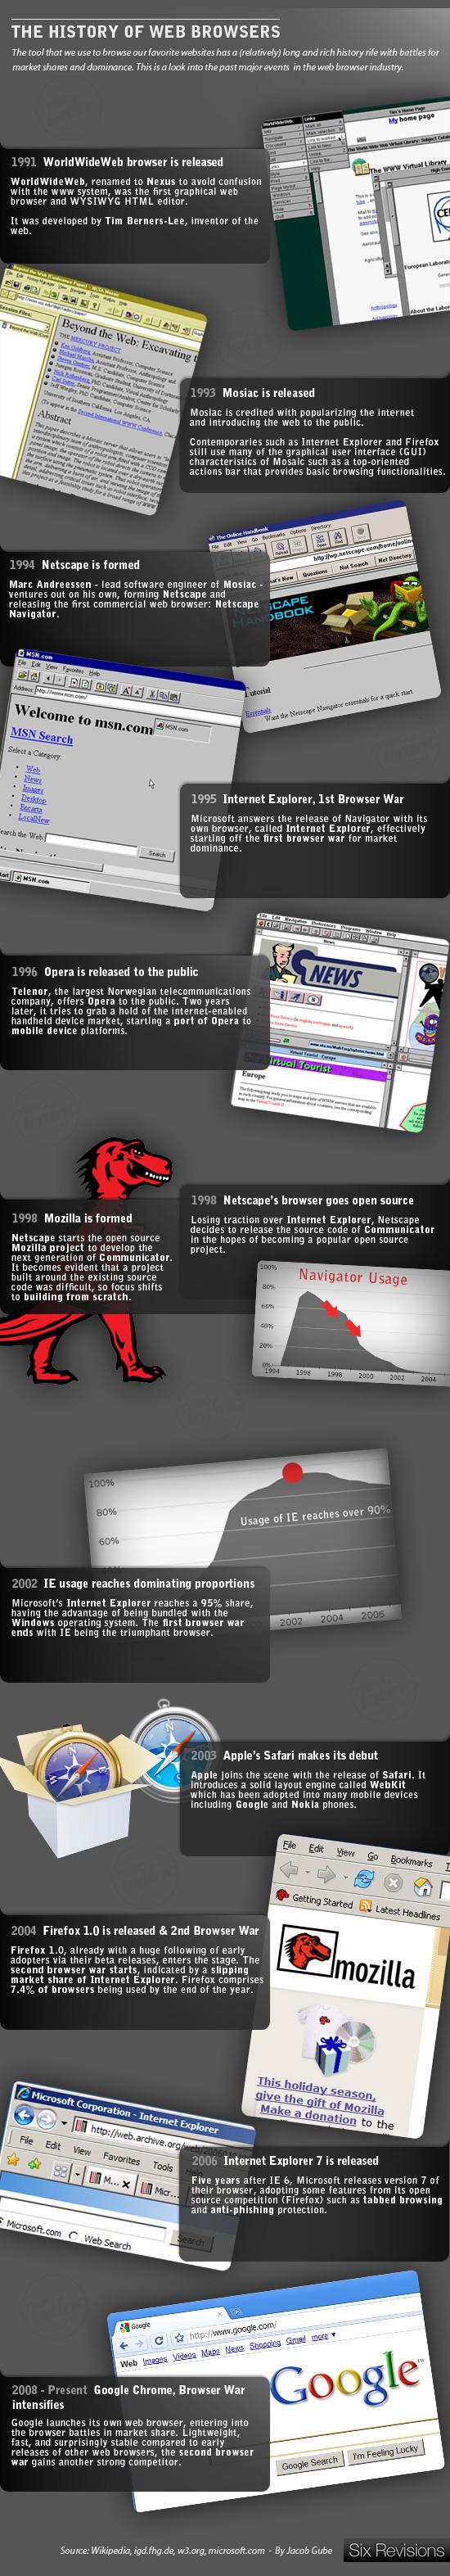 Comercial de televisión para Google Chrome 4